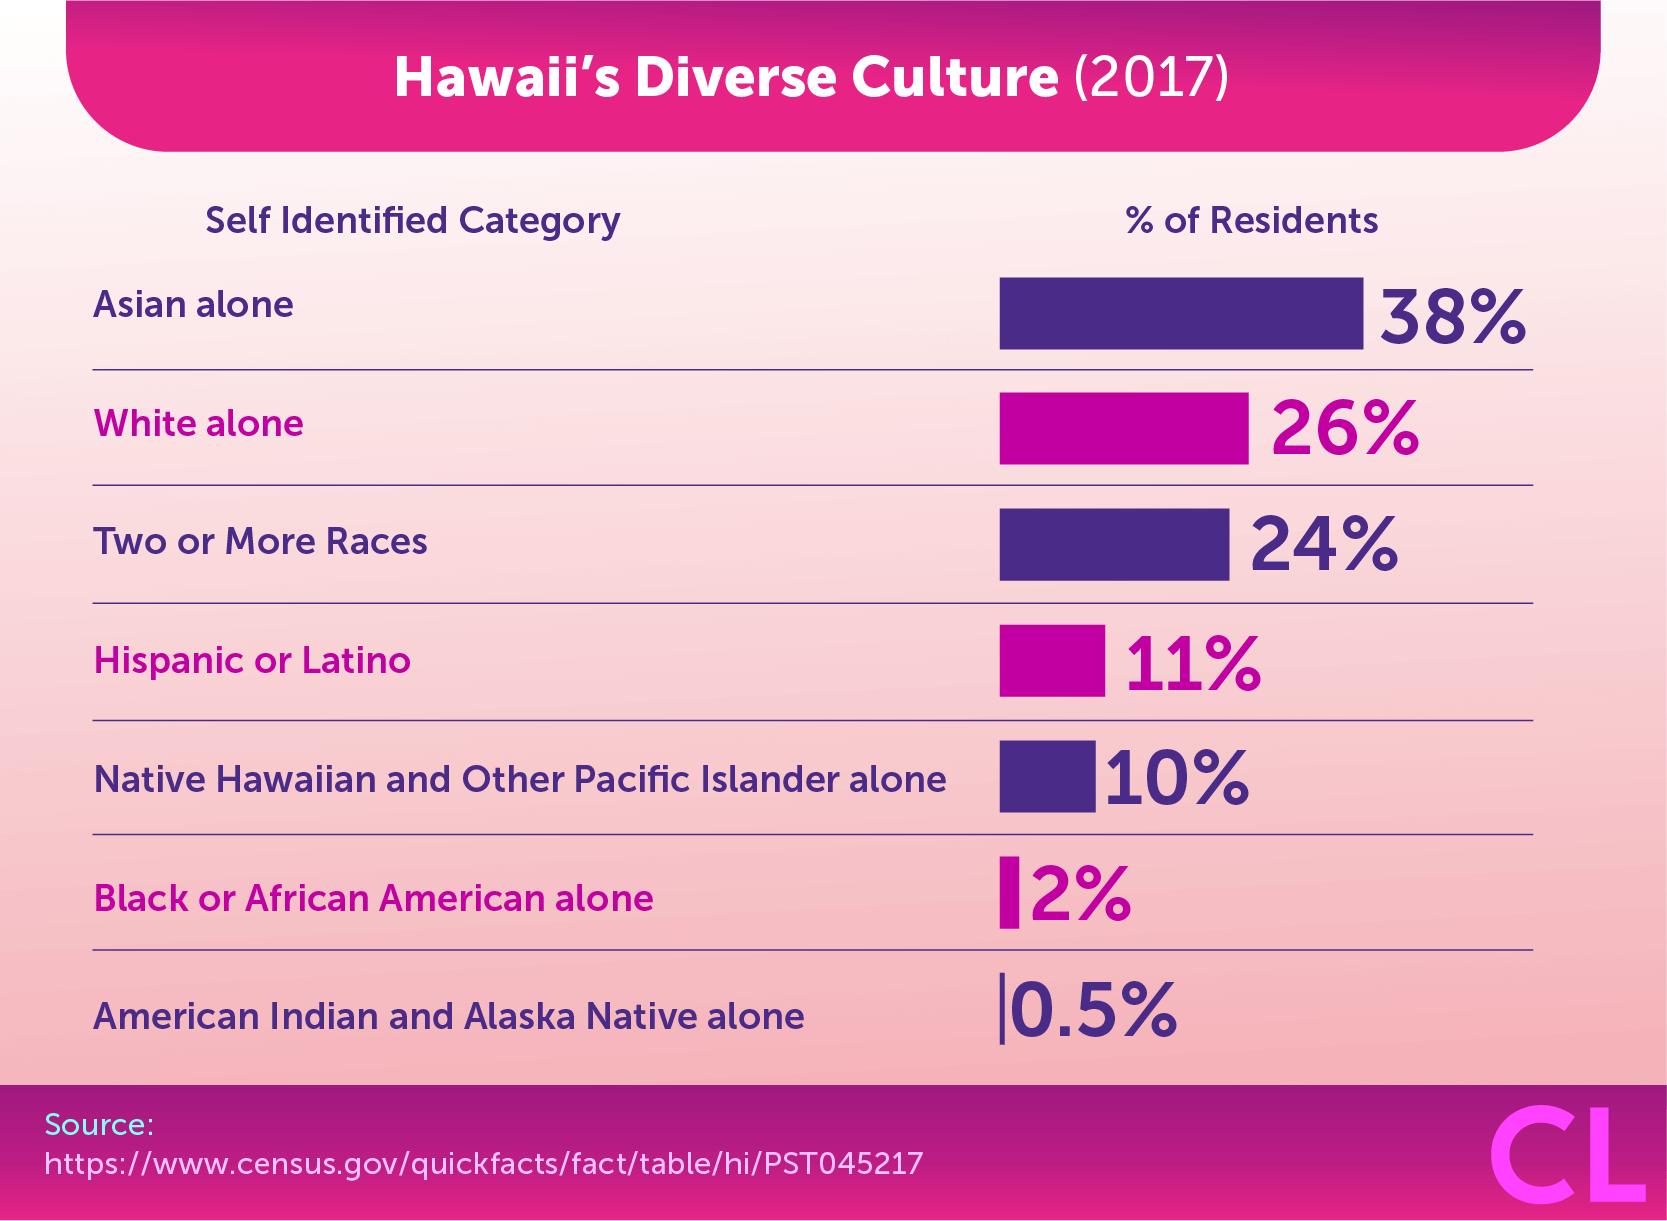 2017 Hawaii's Diverse Culture